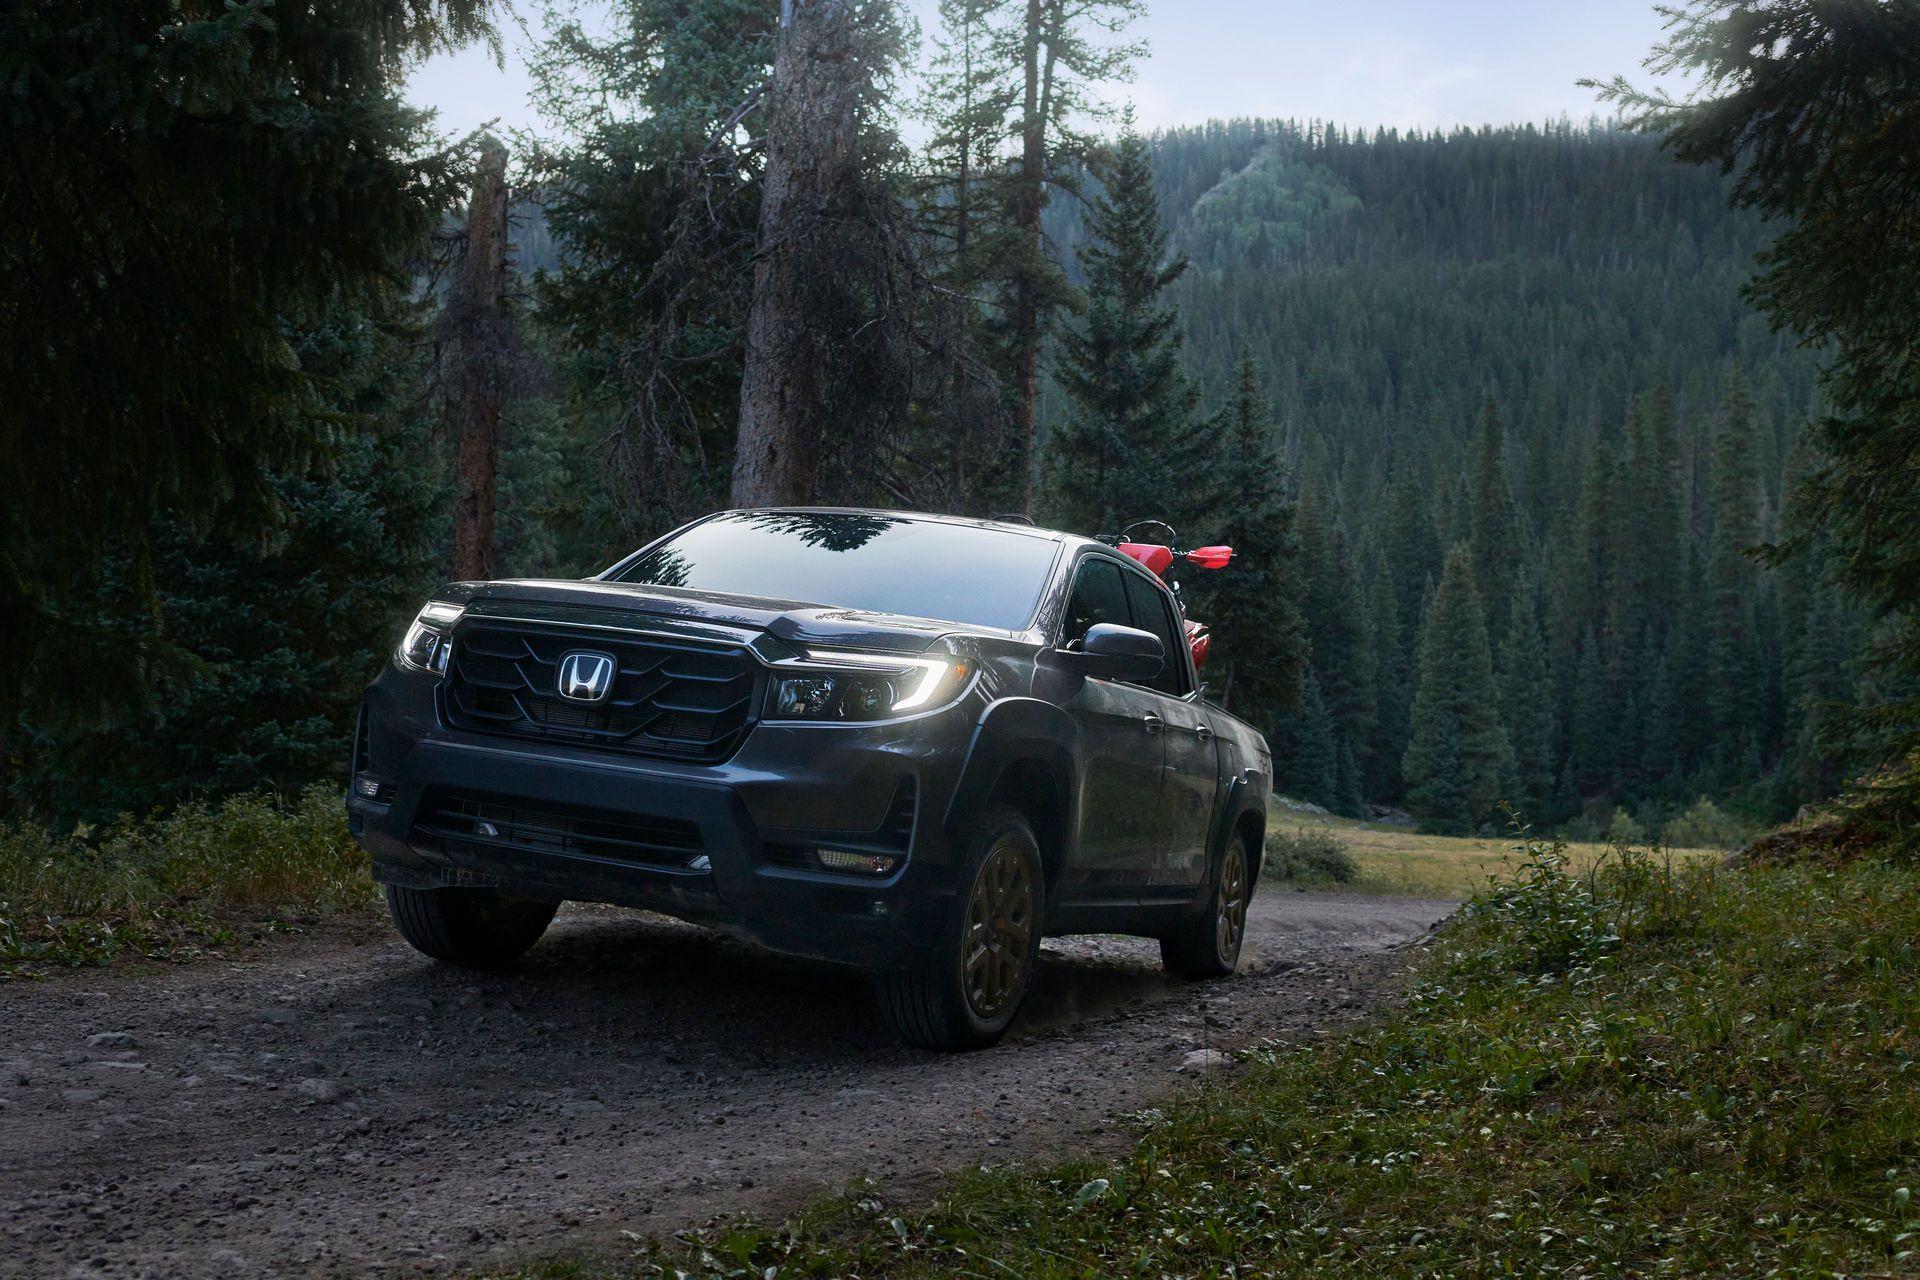 Honda-Ridgeline-facelift-2021-14